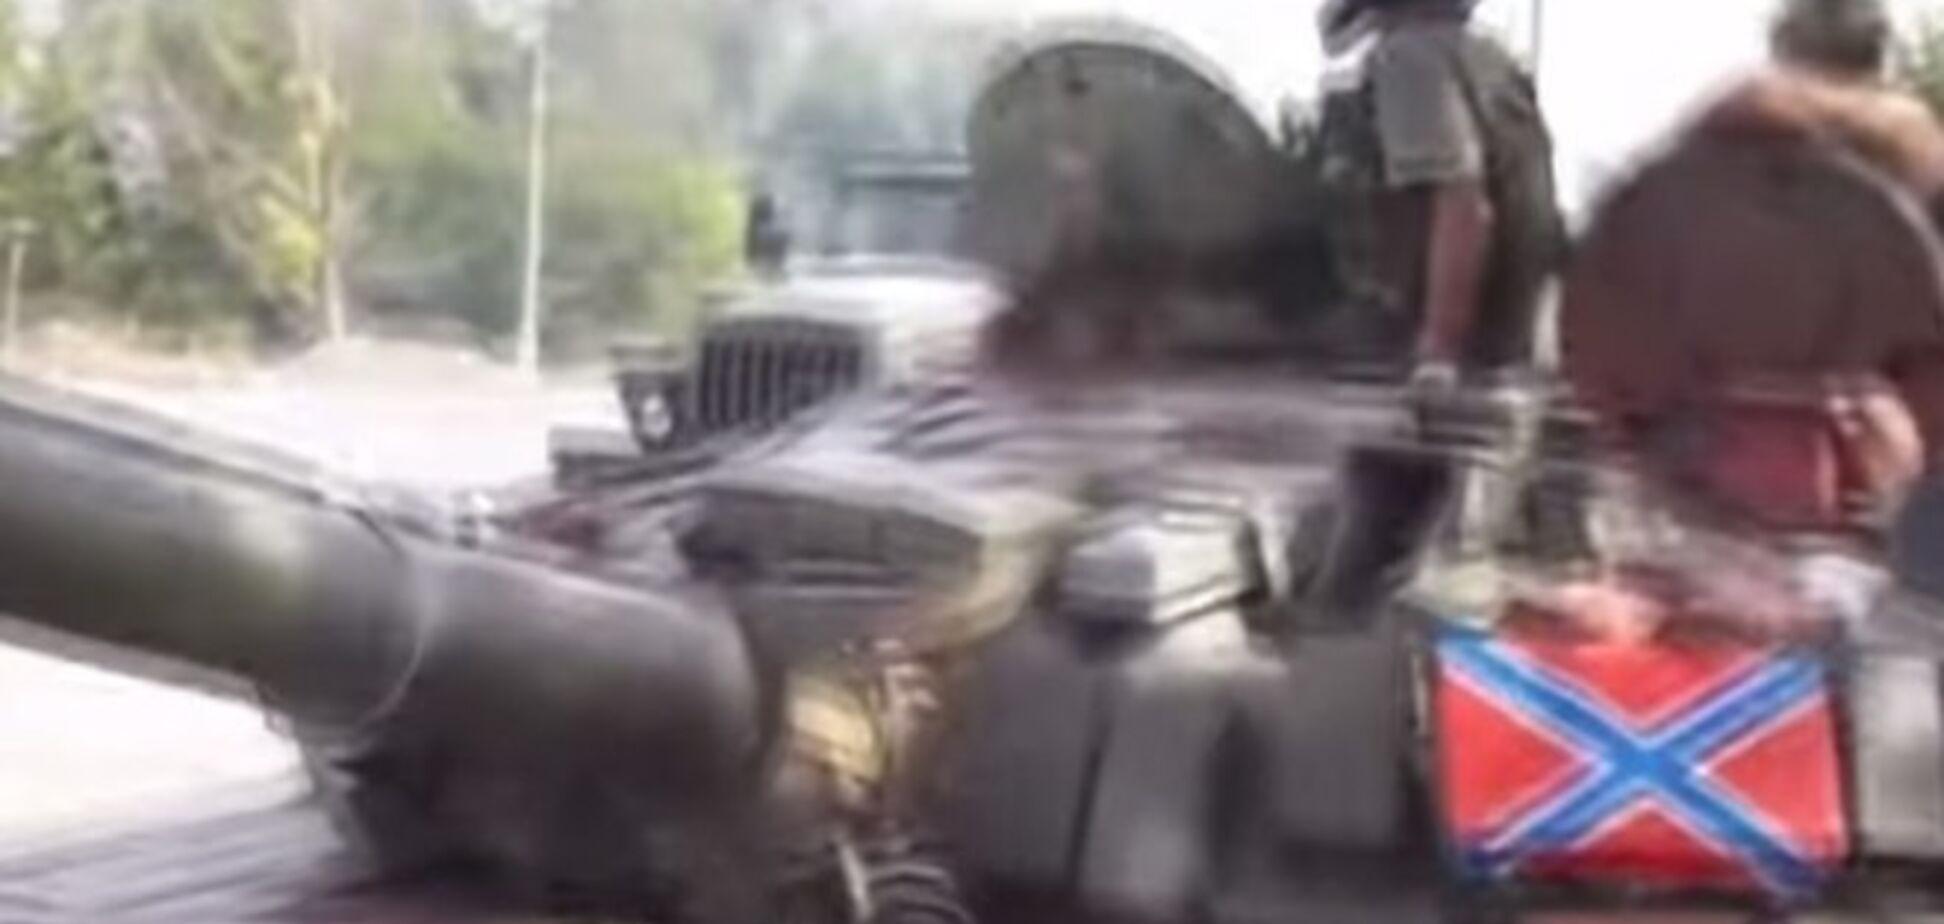 Эксперты показали основные виды российской бронетехники на Донбассе: видеодоказательства